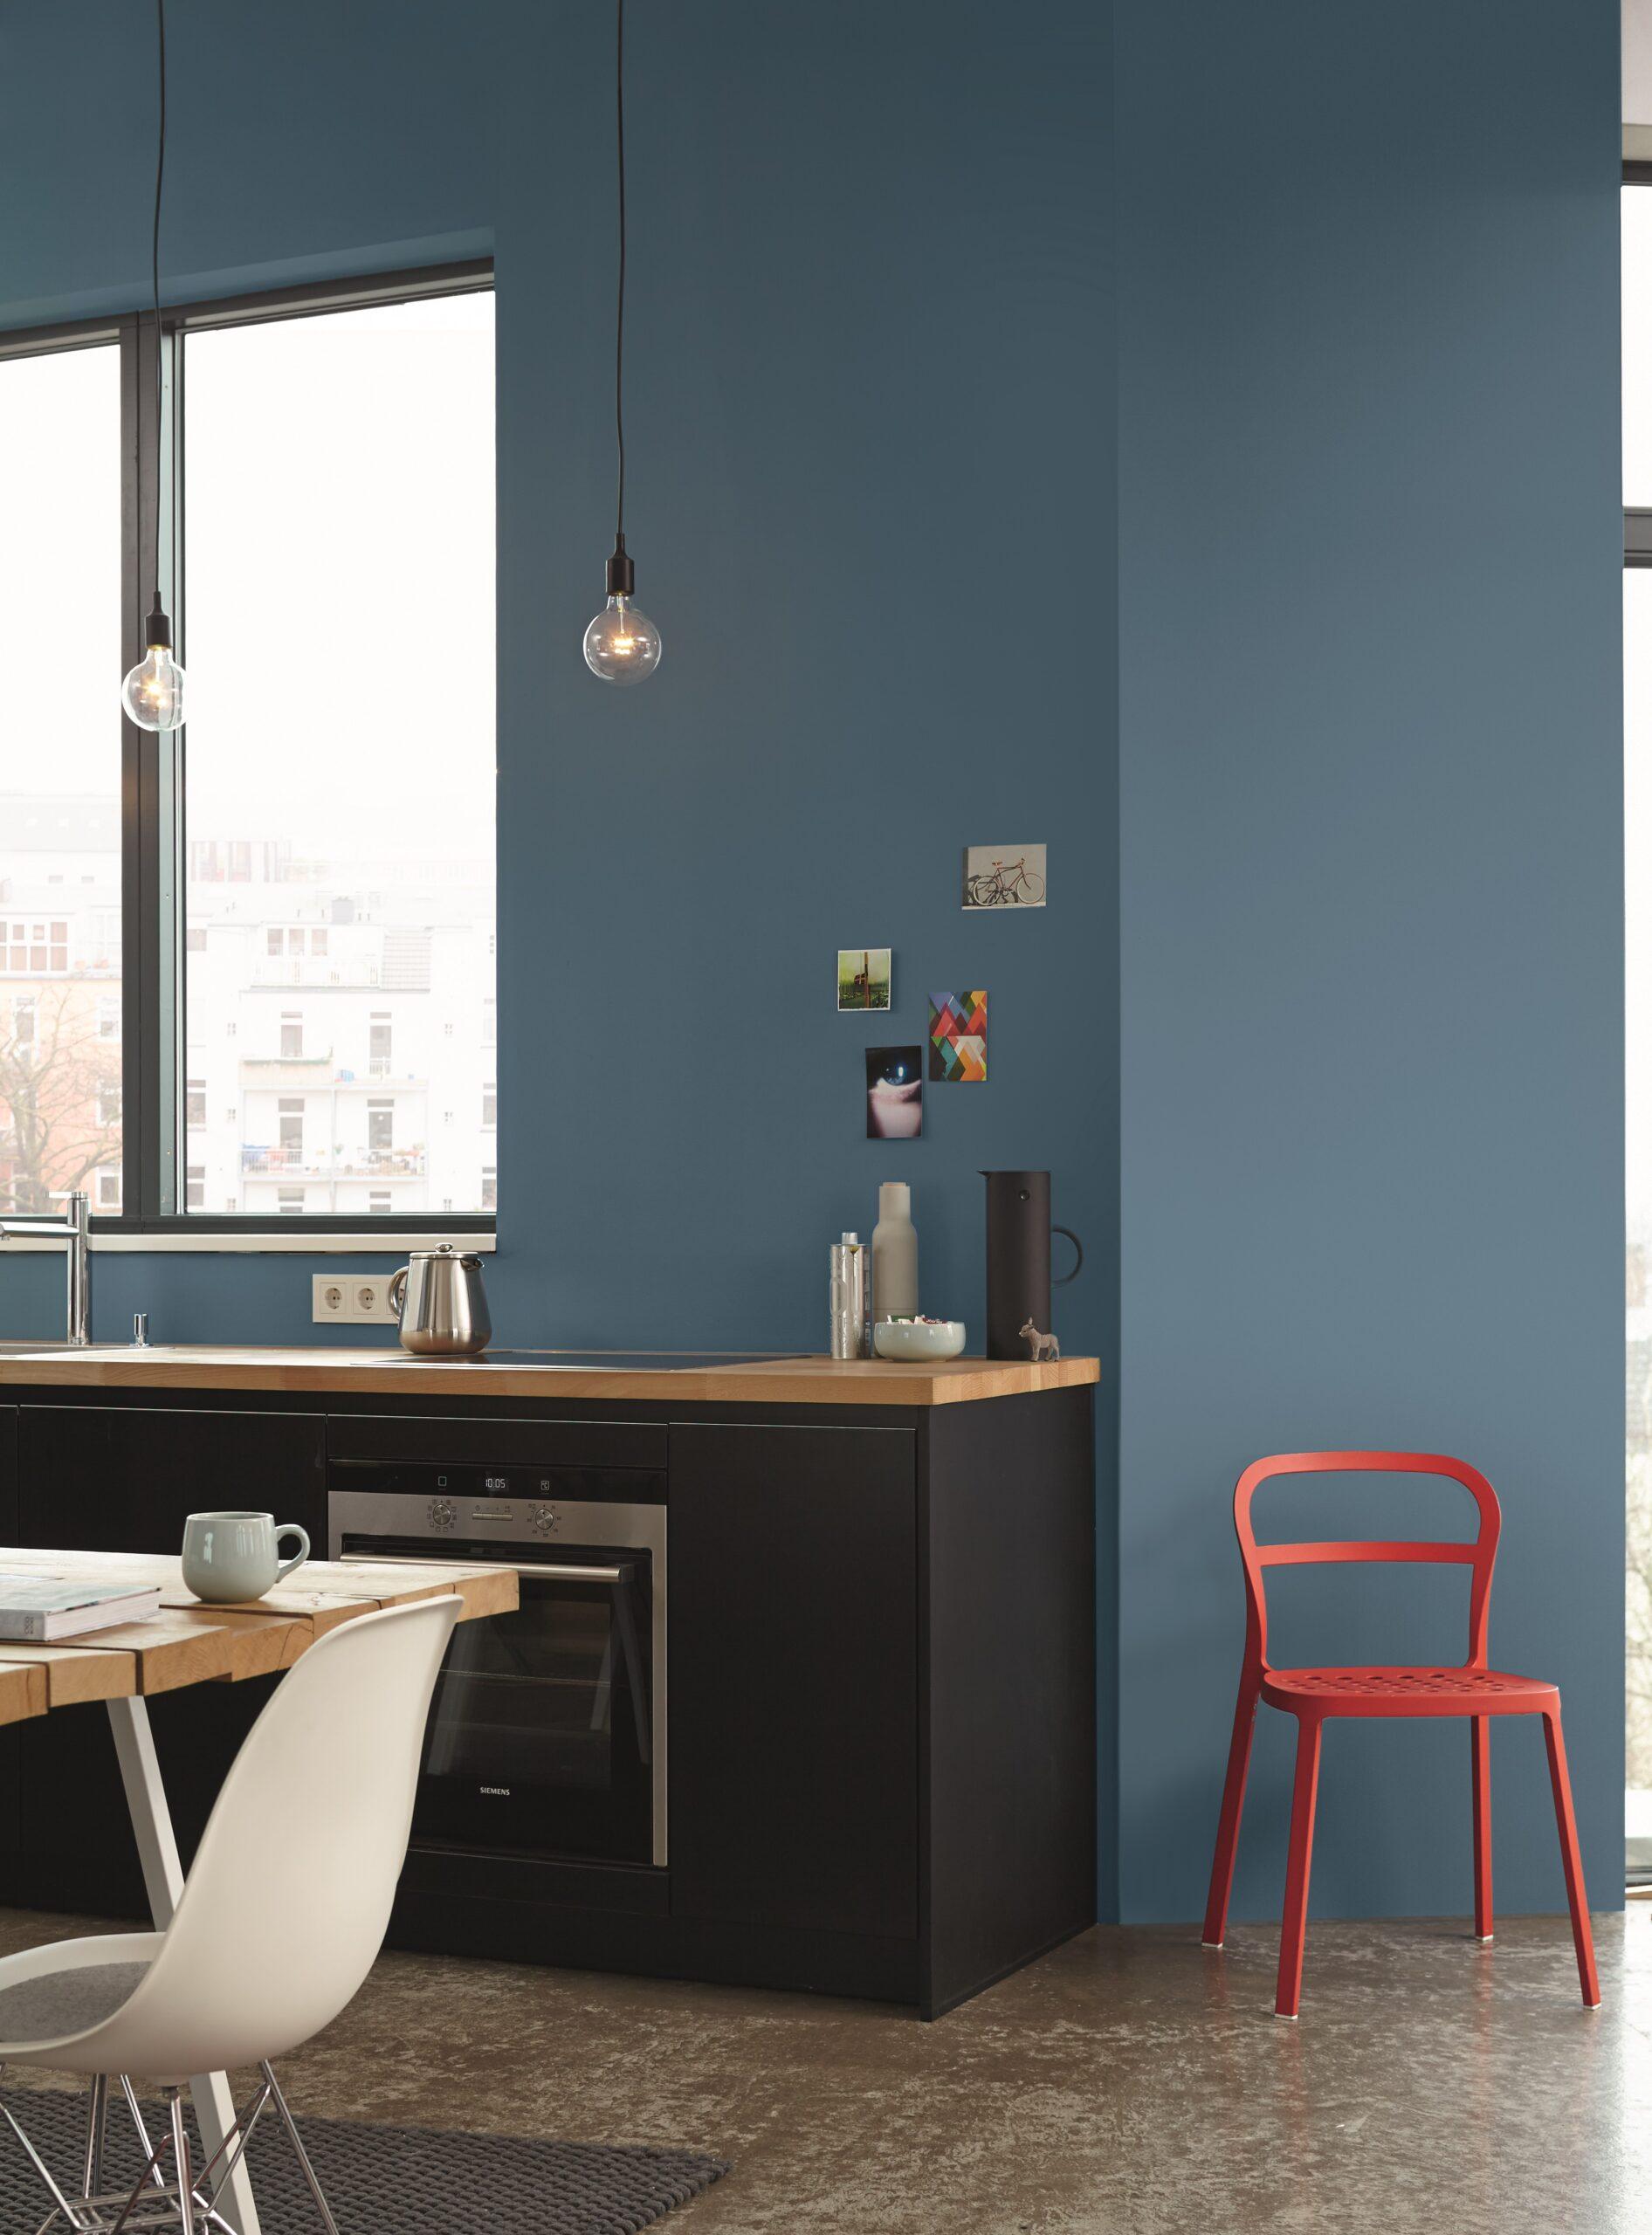 Full Size of Weisse Landhausküche Moderne Grau Weiß Gebraucht Wohnzimmer Landhausküche Wandfarbe